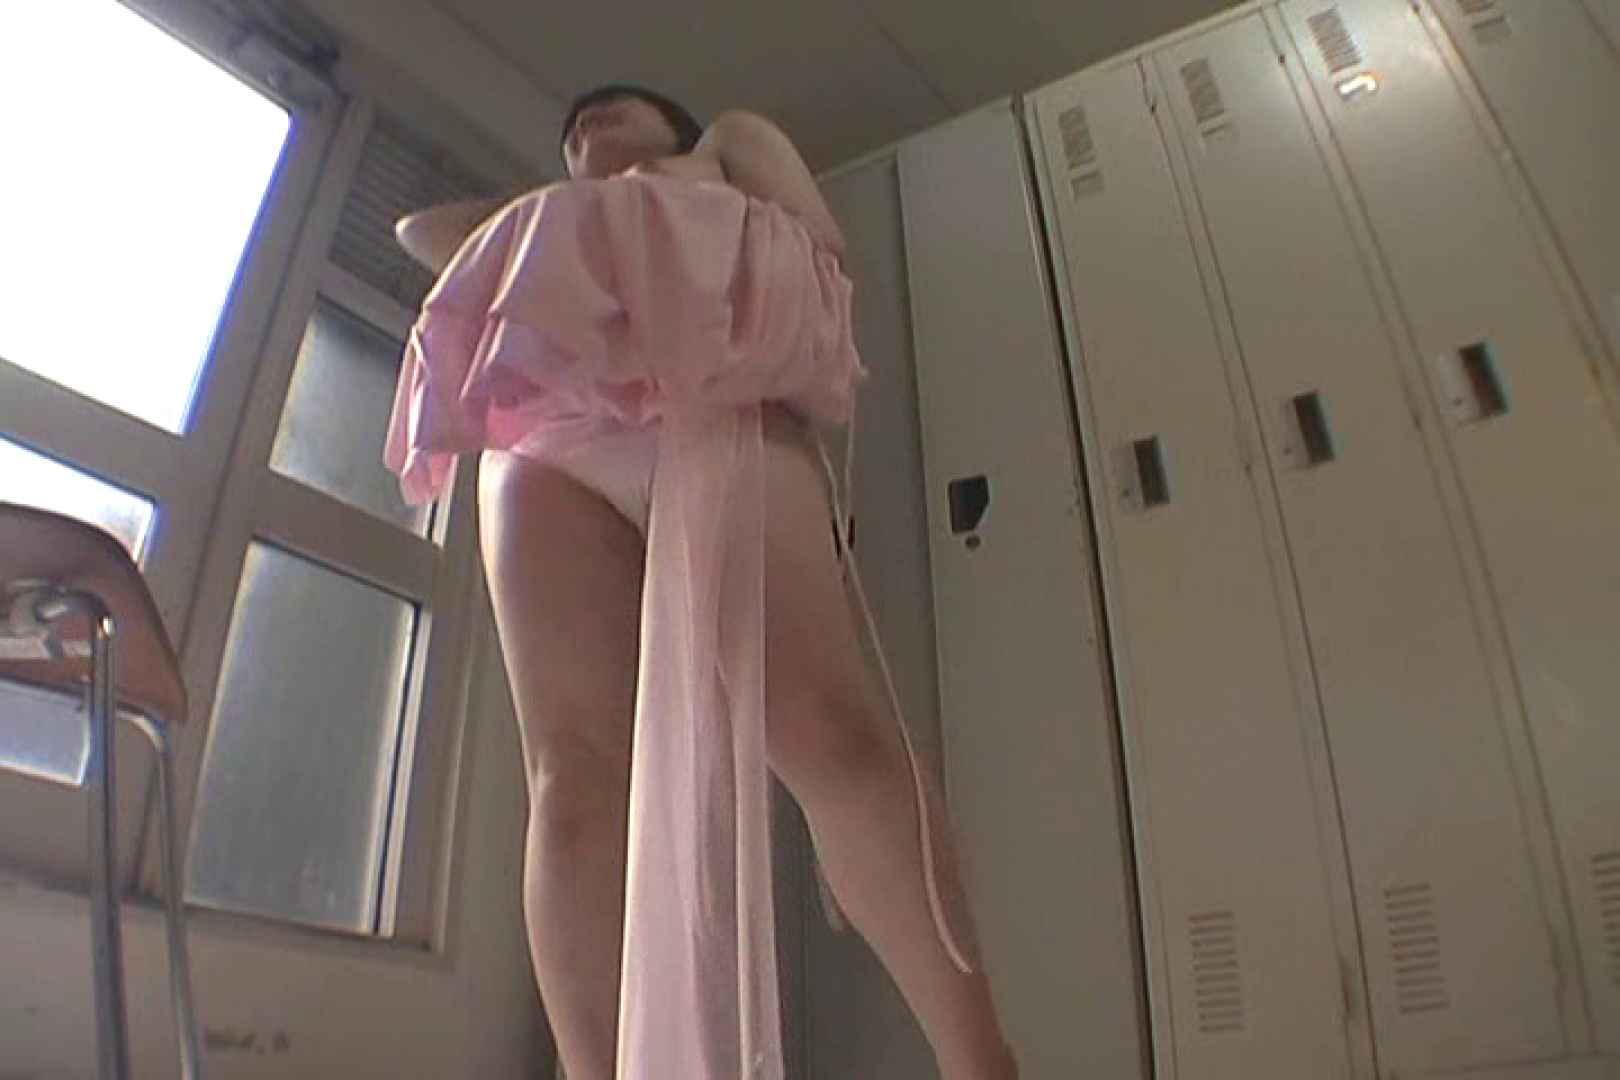 キャバ嬢舞台裏Vol.2 キャバ嬢 オマンコ無修正動画無料 66PIX 44